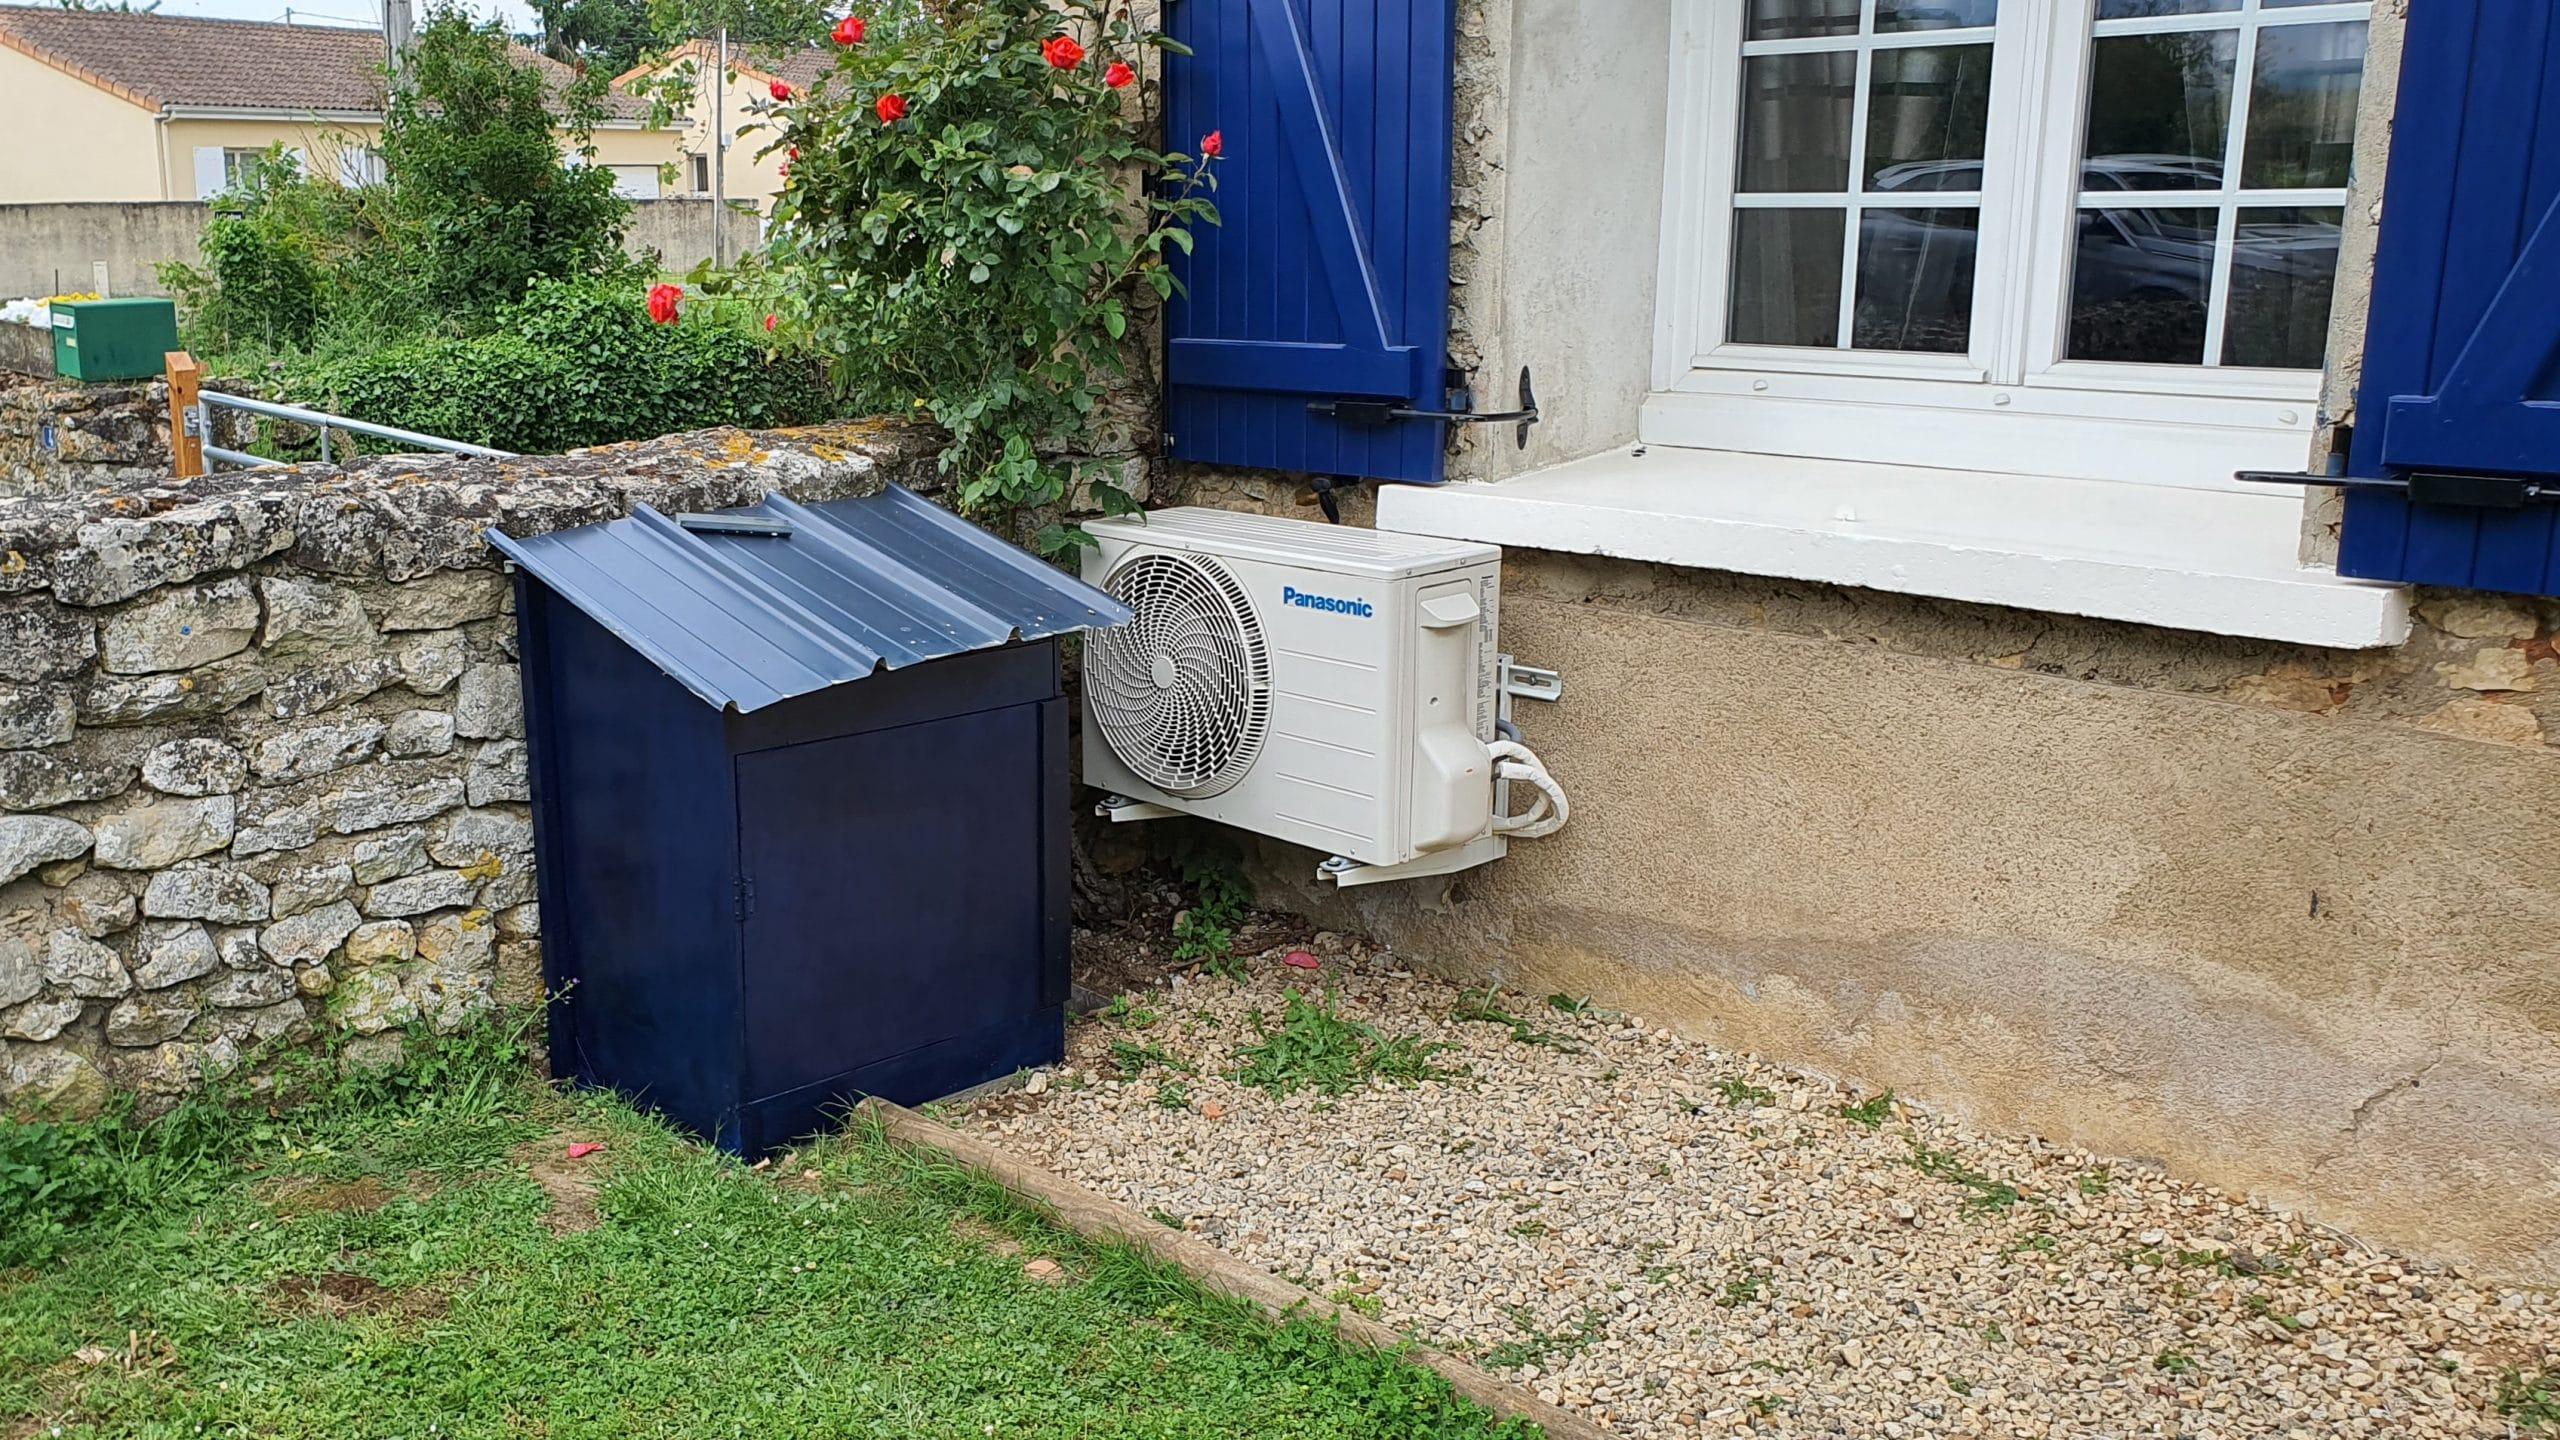 Installation d'un adoucisseur sans raccordement électrique, Ecotech cobalt dans un caisson extérieur à Vouneuil sous Biard (86)